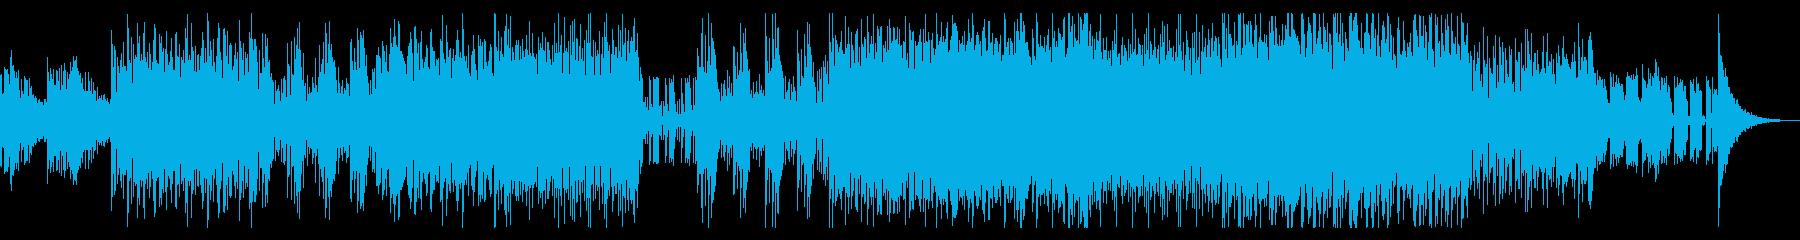 無機質なヒップホップ風ダンスインストの再生済みの波形